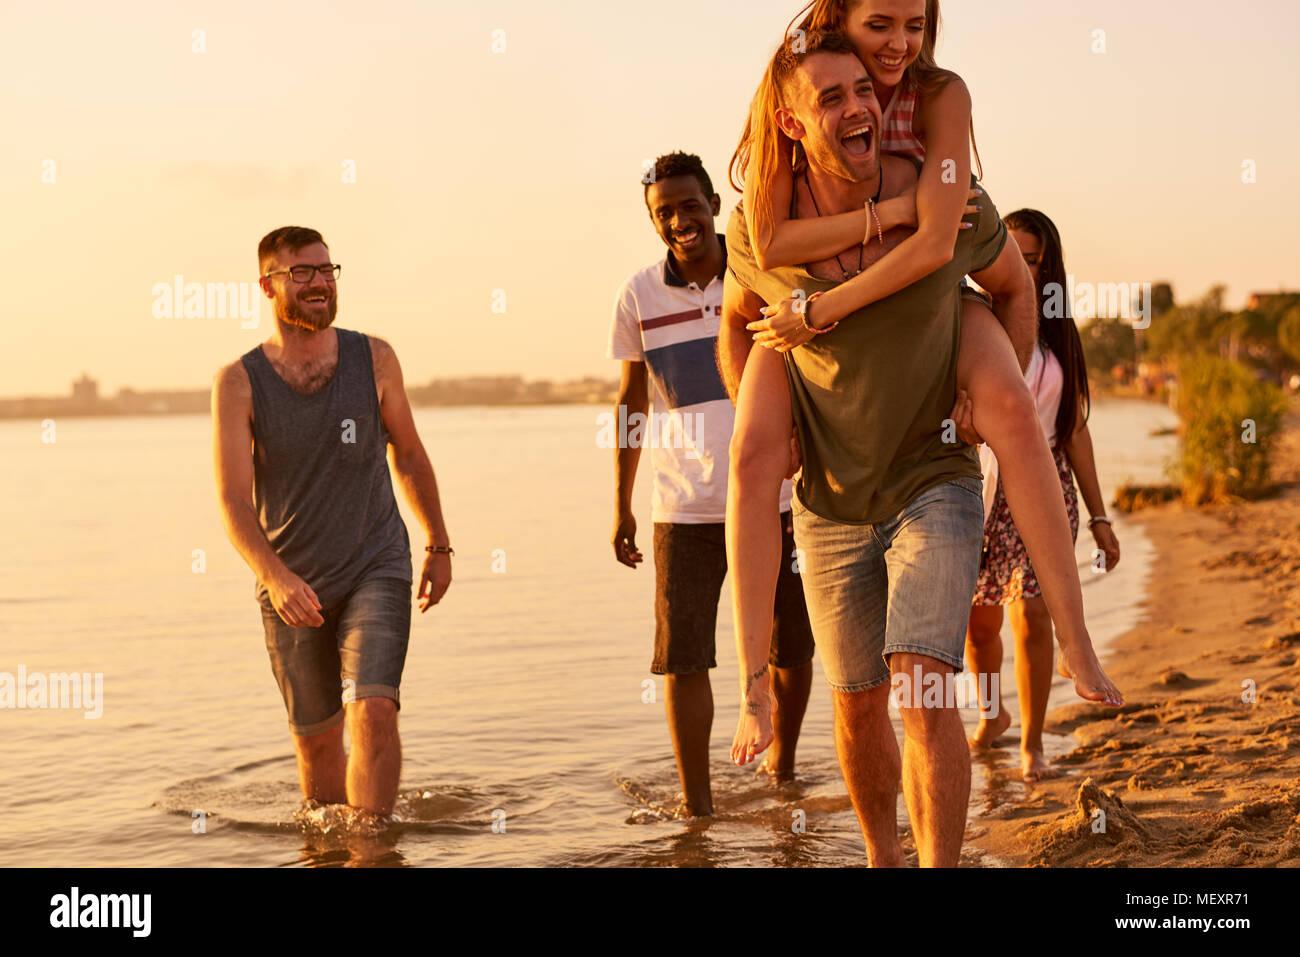 Allegro amici a camminare insieme sulla costa Immagini Stock